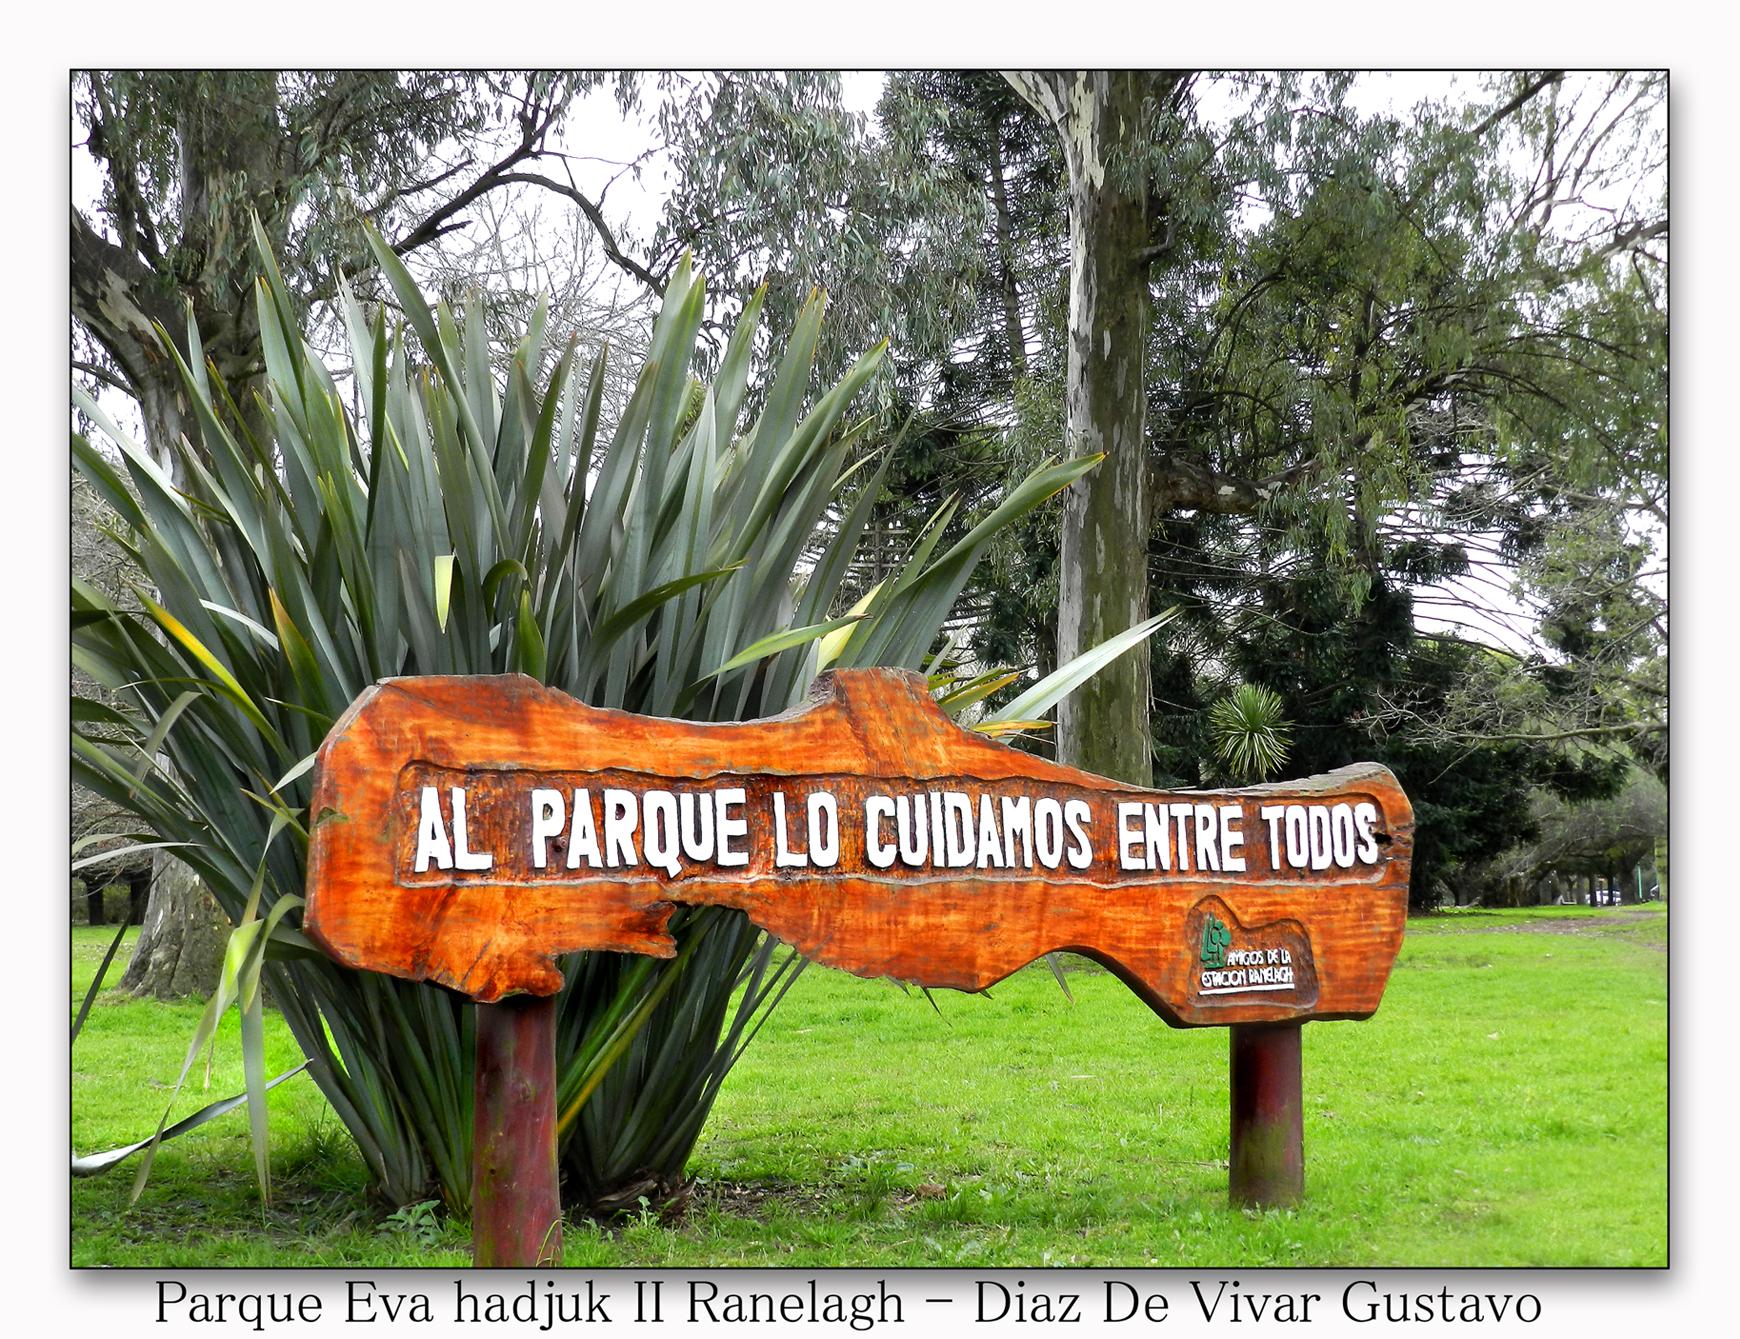 Parque Eva hadjuk Ranelagh  II  - Diaz de vivar gustavo